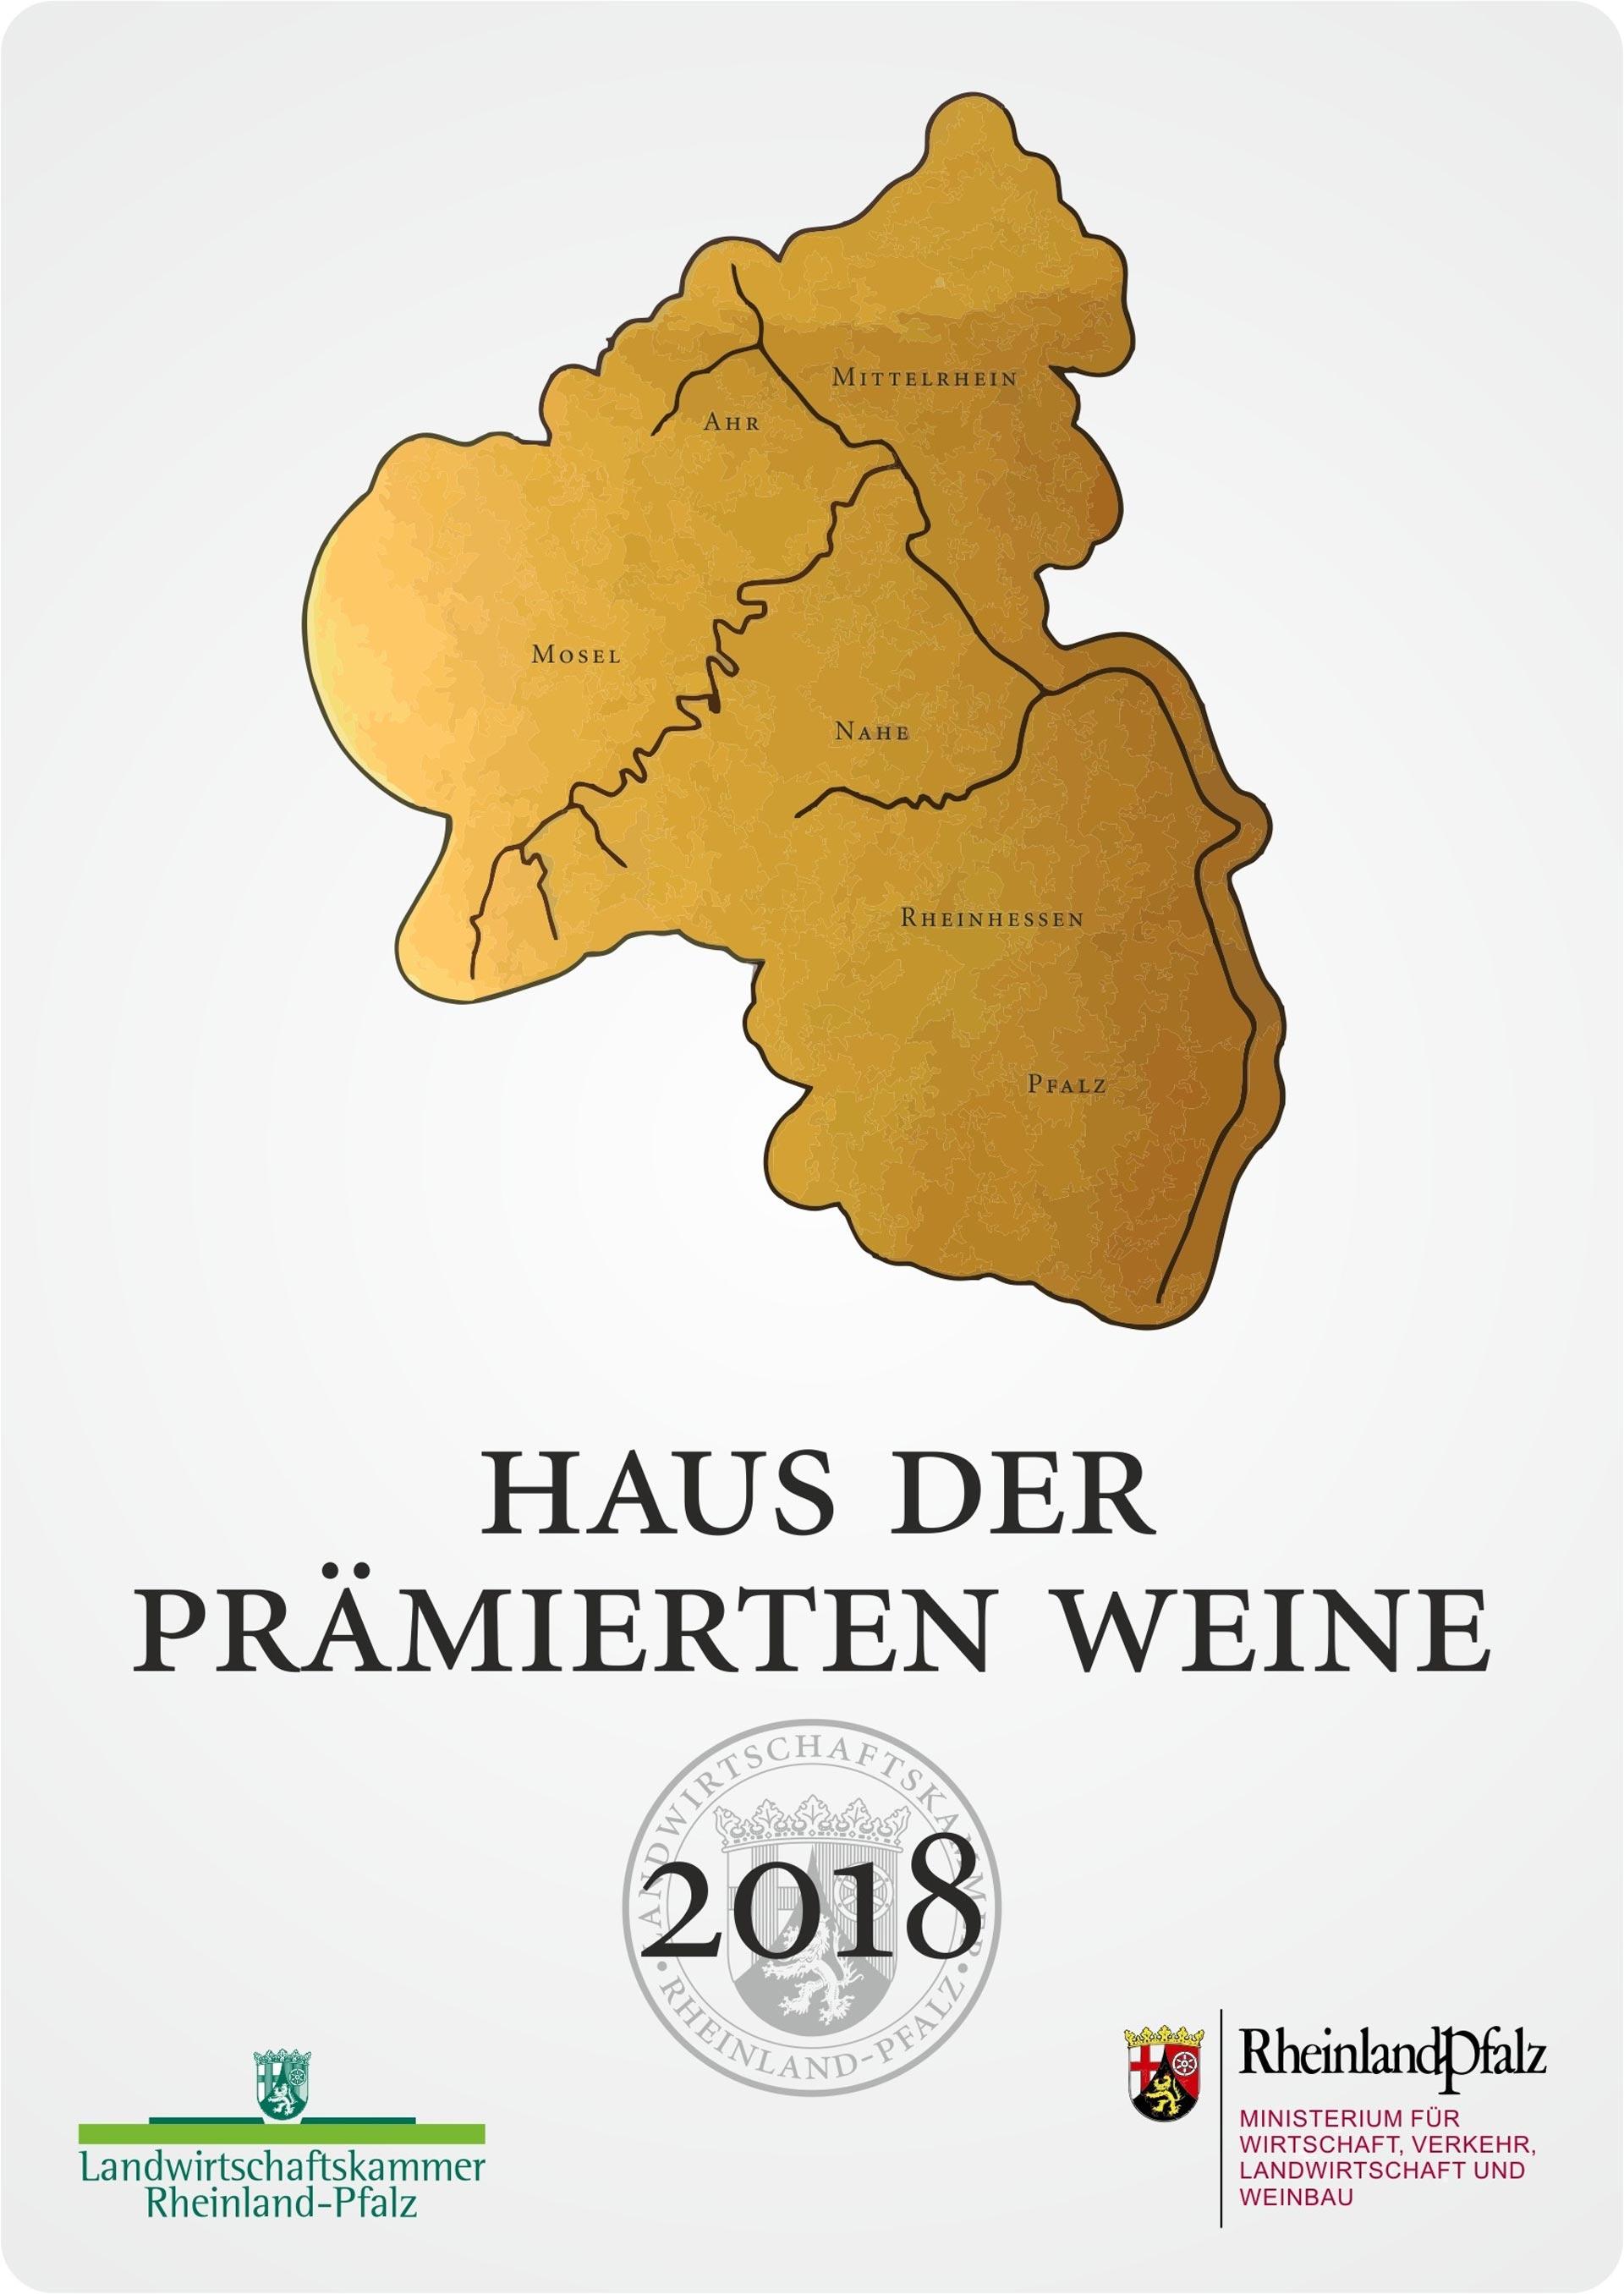 Landwirtschaftskammer 2018